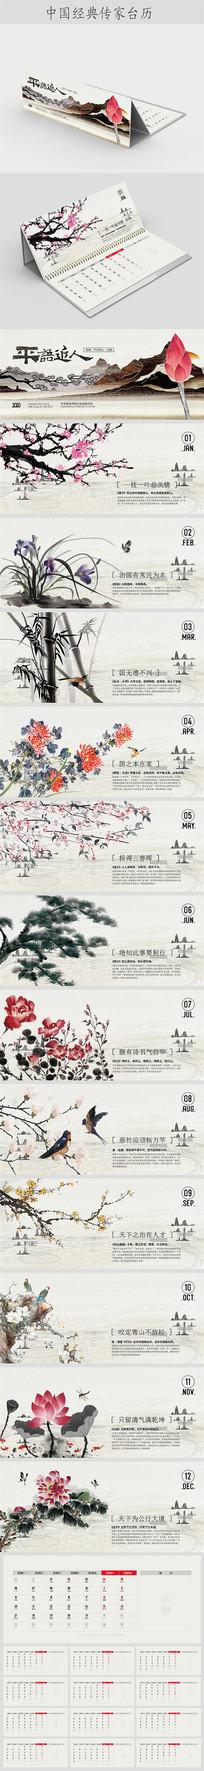 2020年平语近人中国风日历